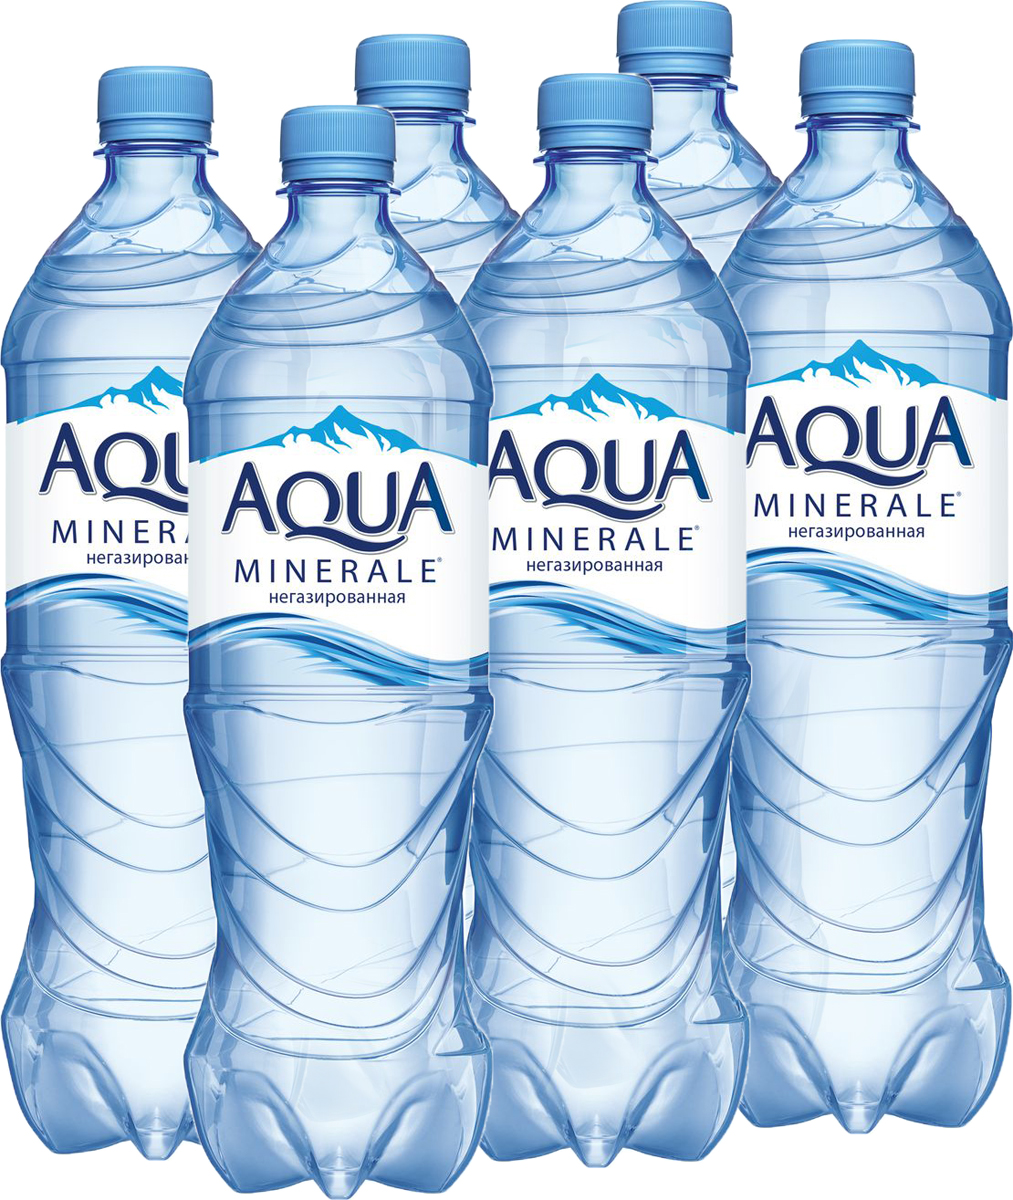 Aqua Minerale вода питьевая негазированная, 12 штук по 1 л340030085_блокиAqua Minerale – негазированная вода с удивительно мягким вкусом. О бренде:Aqua Minerale — питьевая вода с удивительно мягким вкусом.Появившись в России в 1995 году, бренд стал одним из первых в сегменте питьевой бутилированной воды. С тех пор марка полюбилась потребителям и остается одной из самых популярных на рынке — ежедневно в России продается более 700 тысяч бутылок Aqua Minerale. Сейчас в портфеле бренда негазированная и газированная вода, линейка Aqua Minerale Active, обогащенная витаминами и минералами, а также линейка Aqua Minerale с соком, представленная в 4-х вкусах: лимон, черешня, мята-лайм, яблоко.